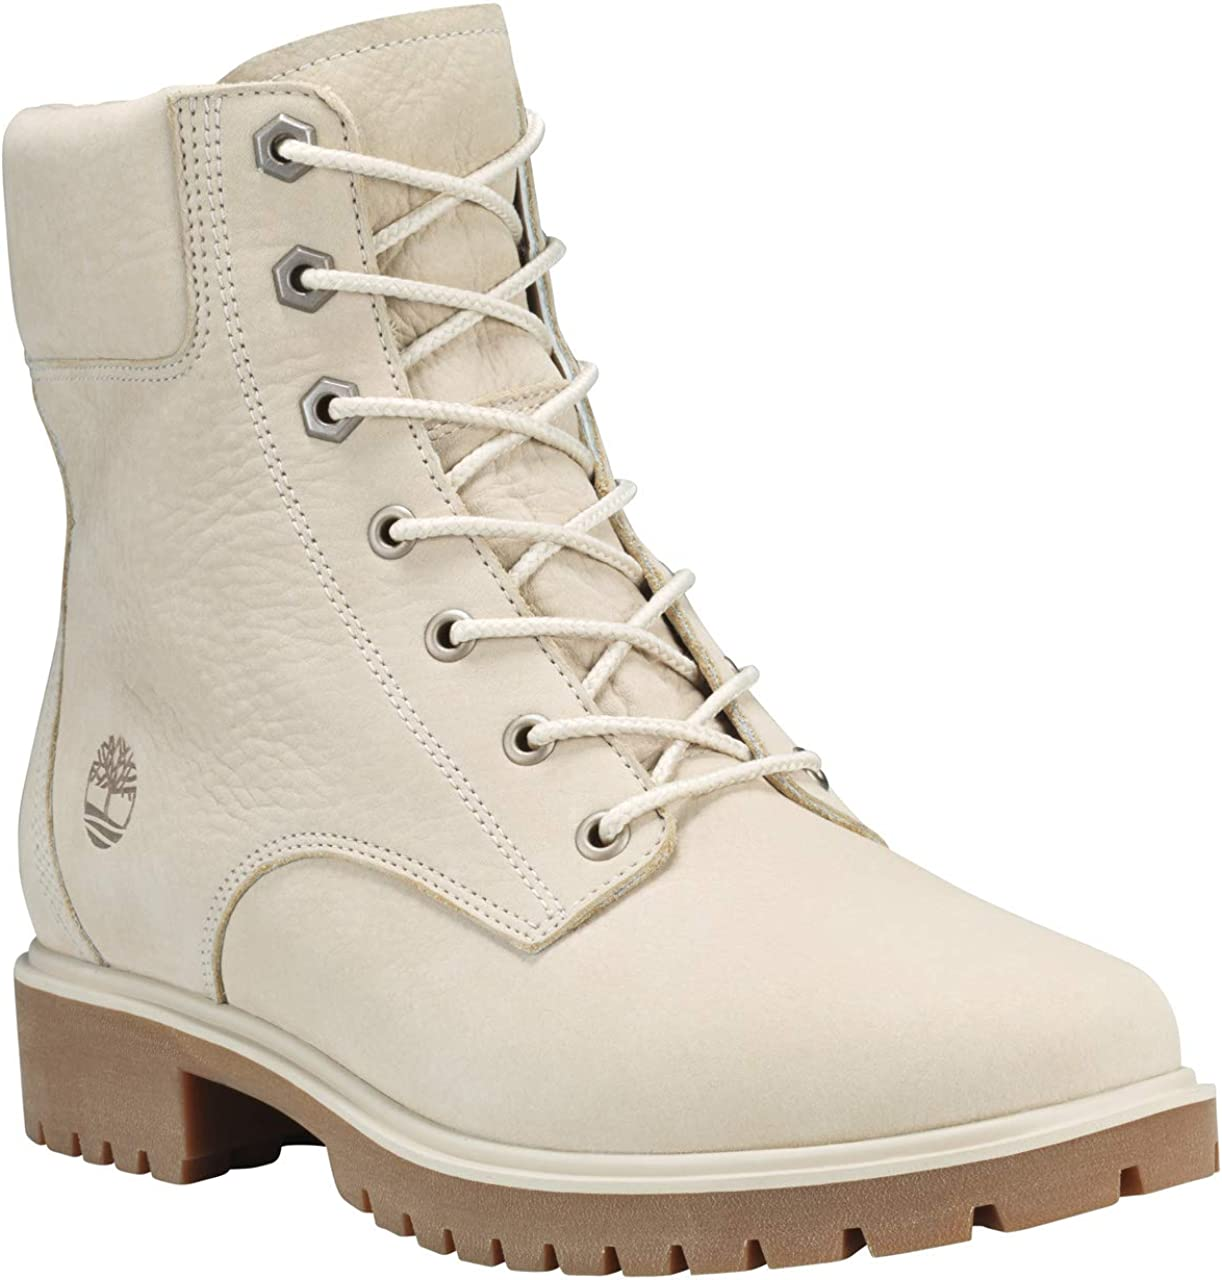 Timberland Jayne 6in Waterproof Boot